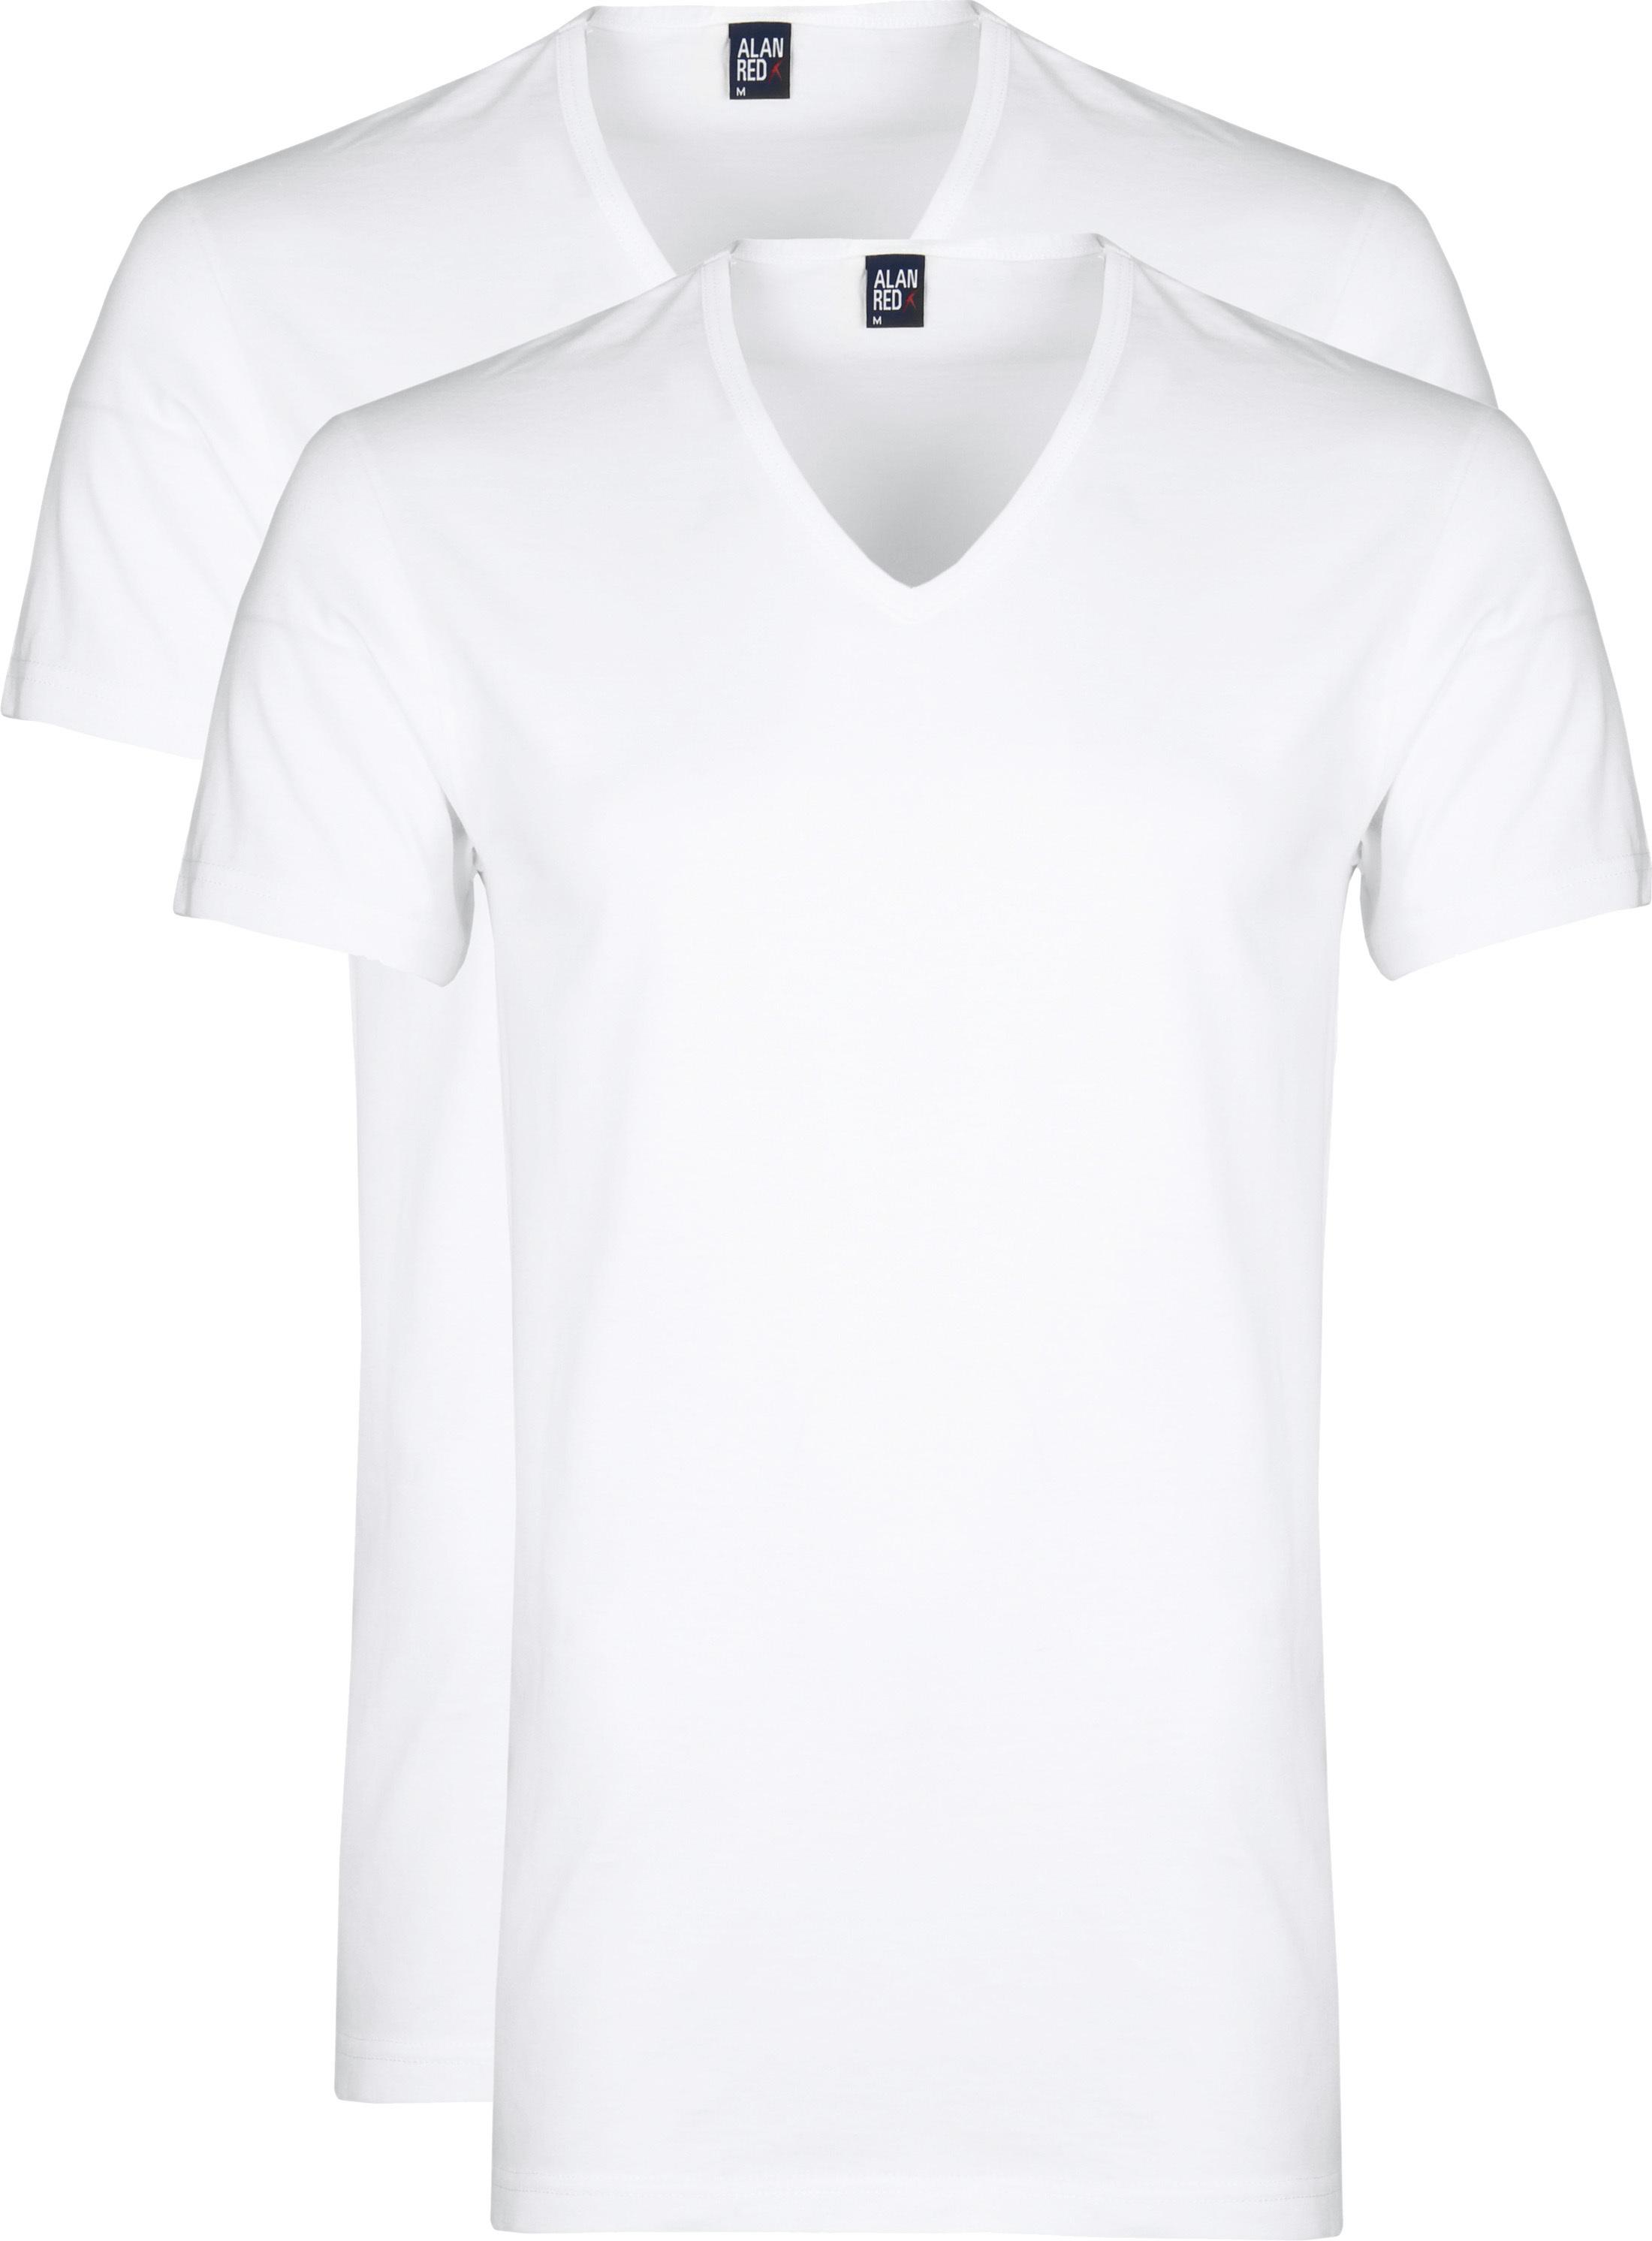 Alan Red Dean V-Hals T-Shirt Wit (2Pack) foto 0